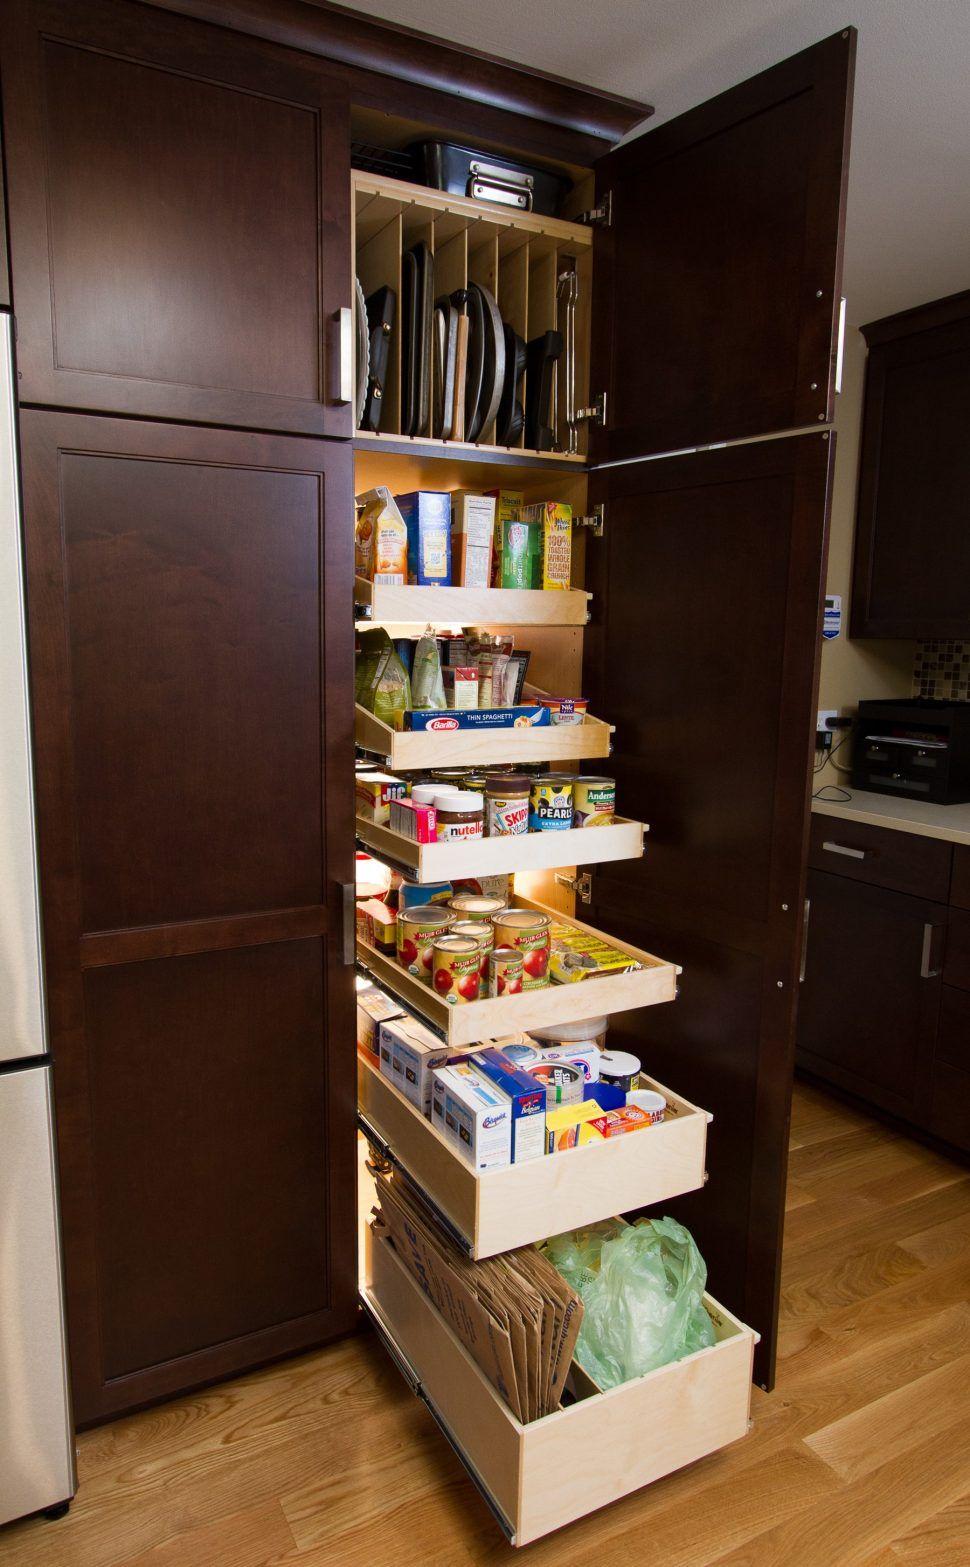 kitchen oak kitchen pantry freestanding pantry small corner pantry kitchen pantry ideas tall on kitchen cabinets organization layout id=61495